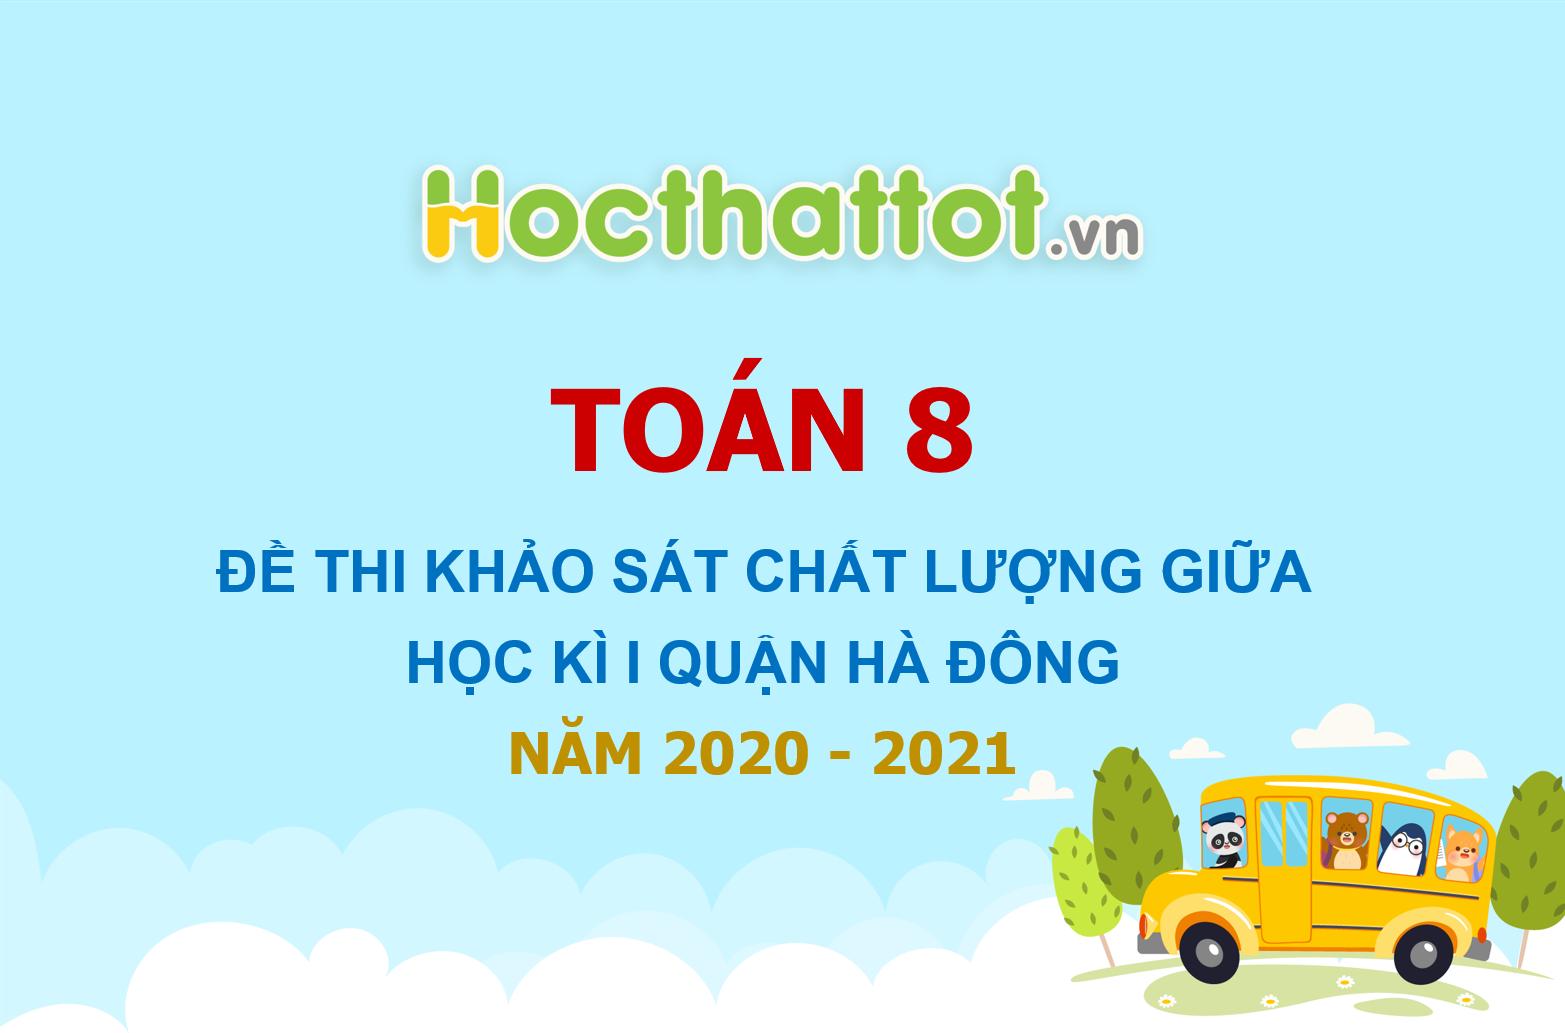 de-khao-sat-chat-luong-giua-hoc-ki1-lop-8-quan-ha-dong-nam-2020-2021.jpg